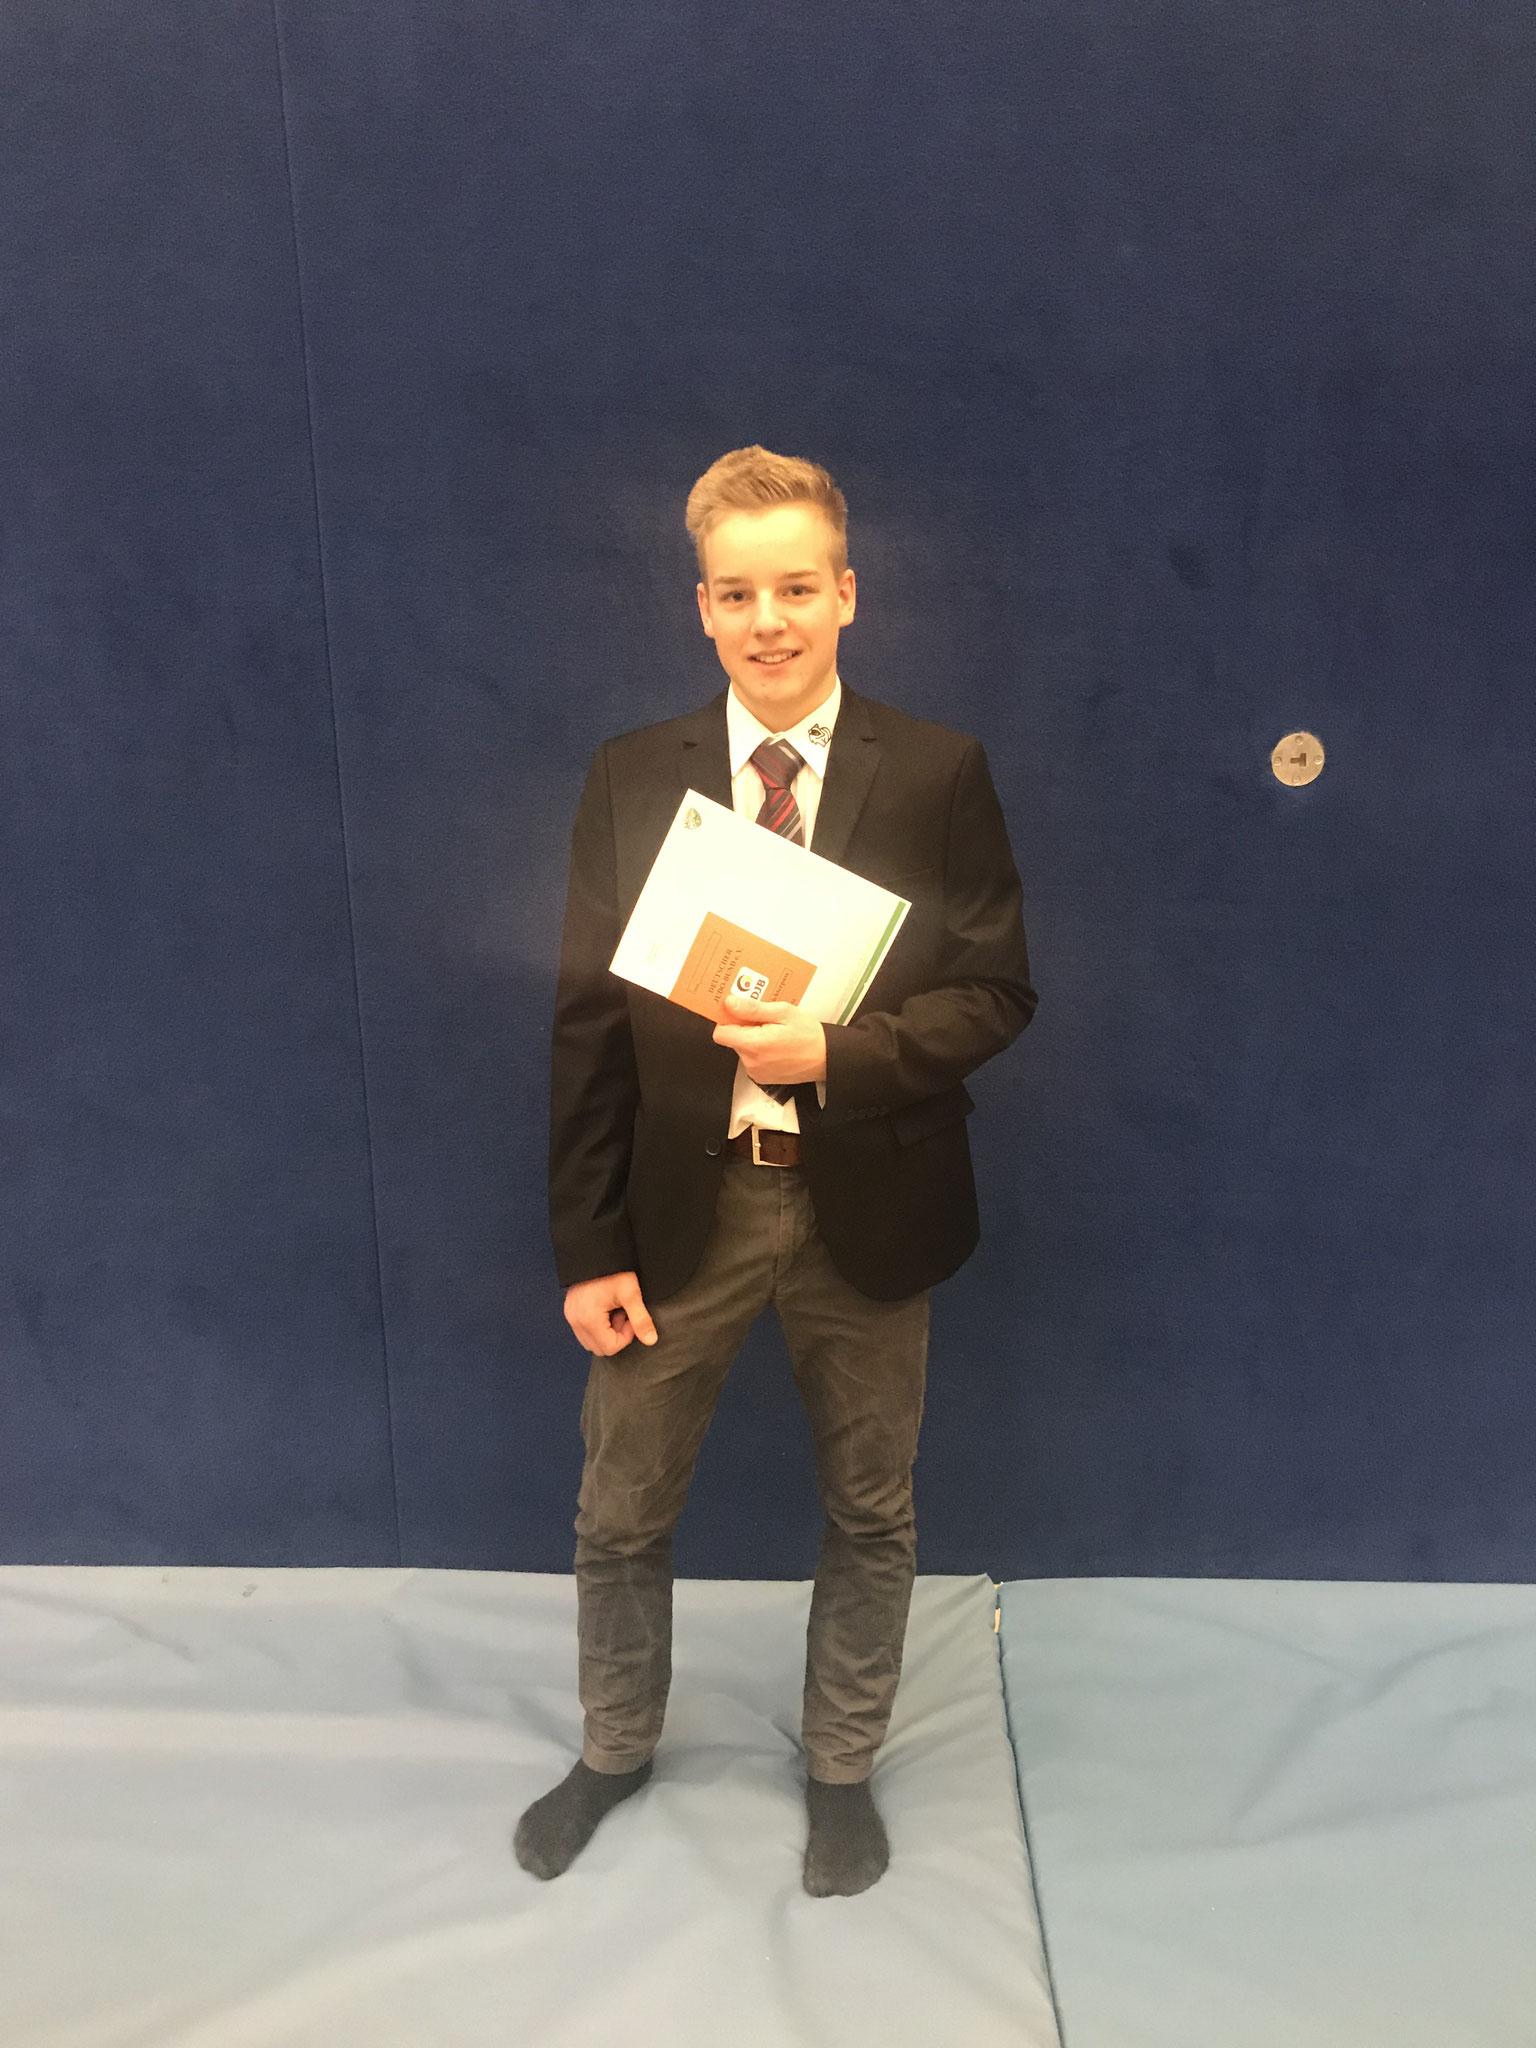 Felix Dzedzig, nach seiner erfolgreich absolvierten Kampfrichterprüfung zum Kreiskampfrichter